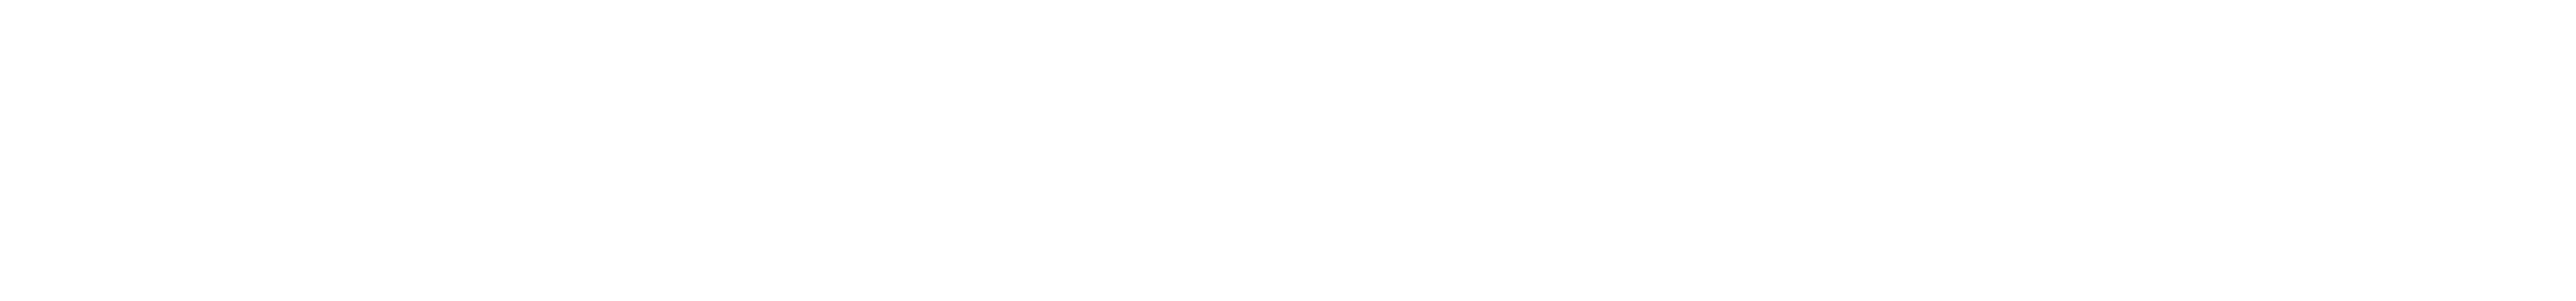 The CX Company